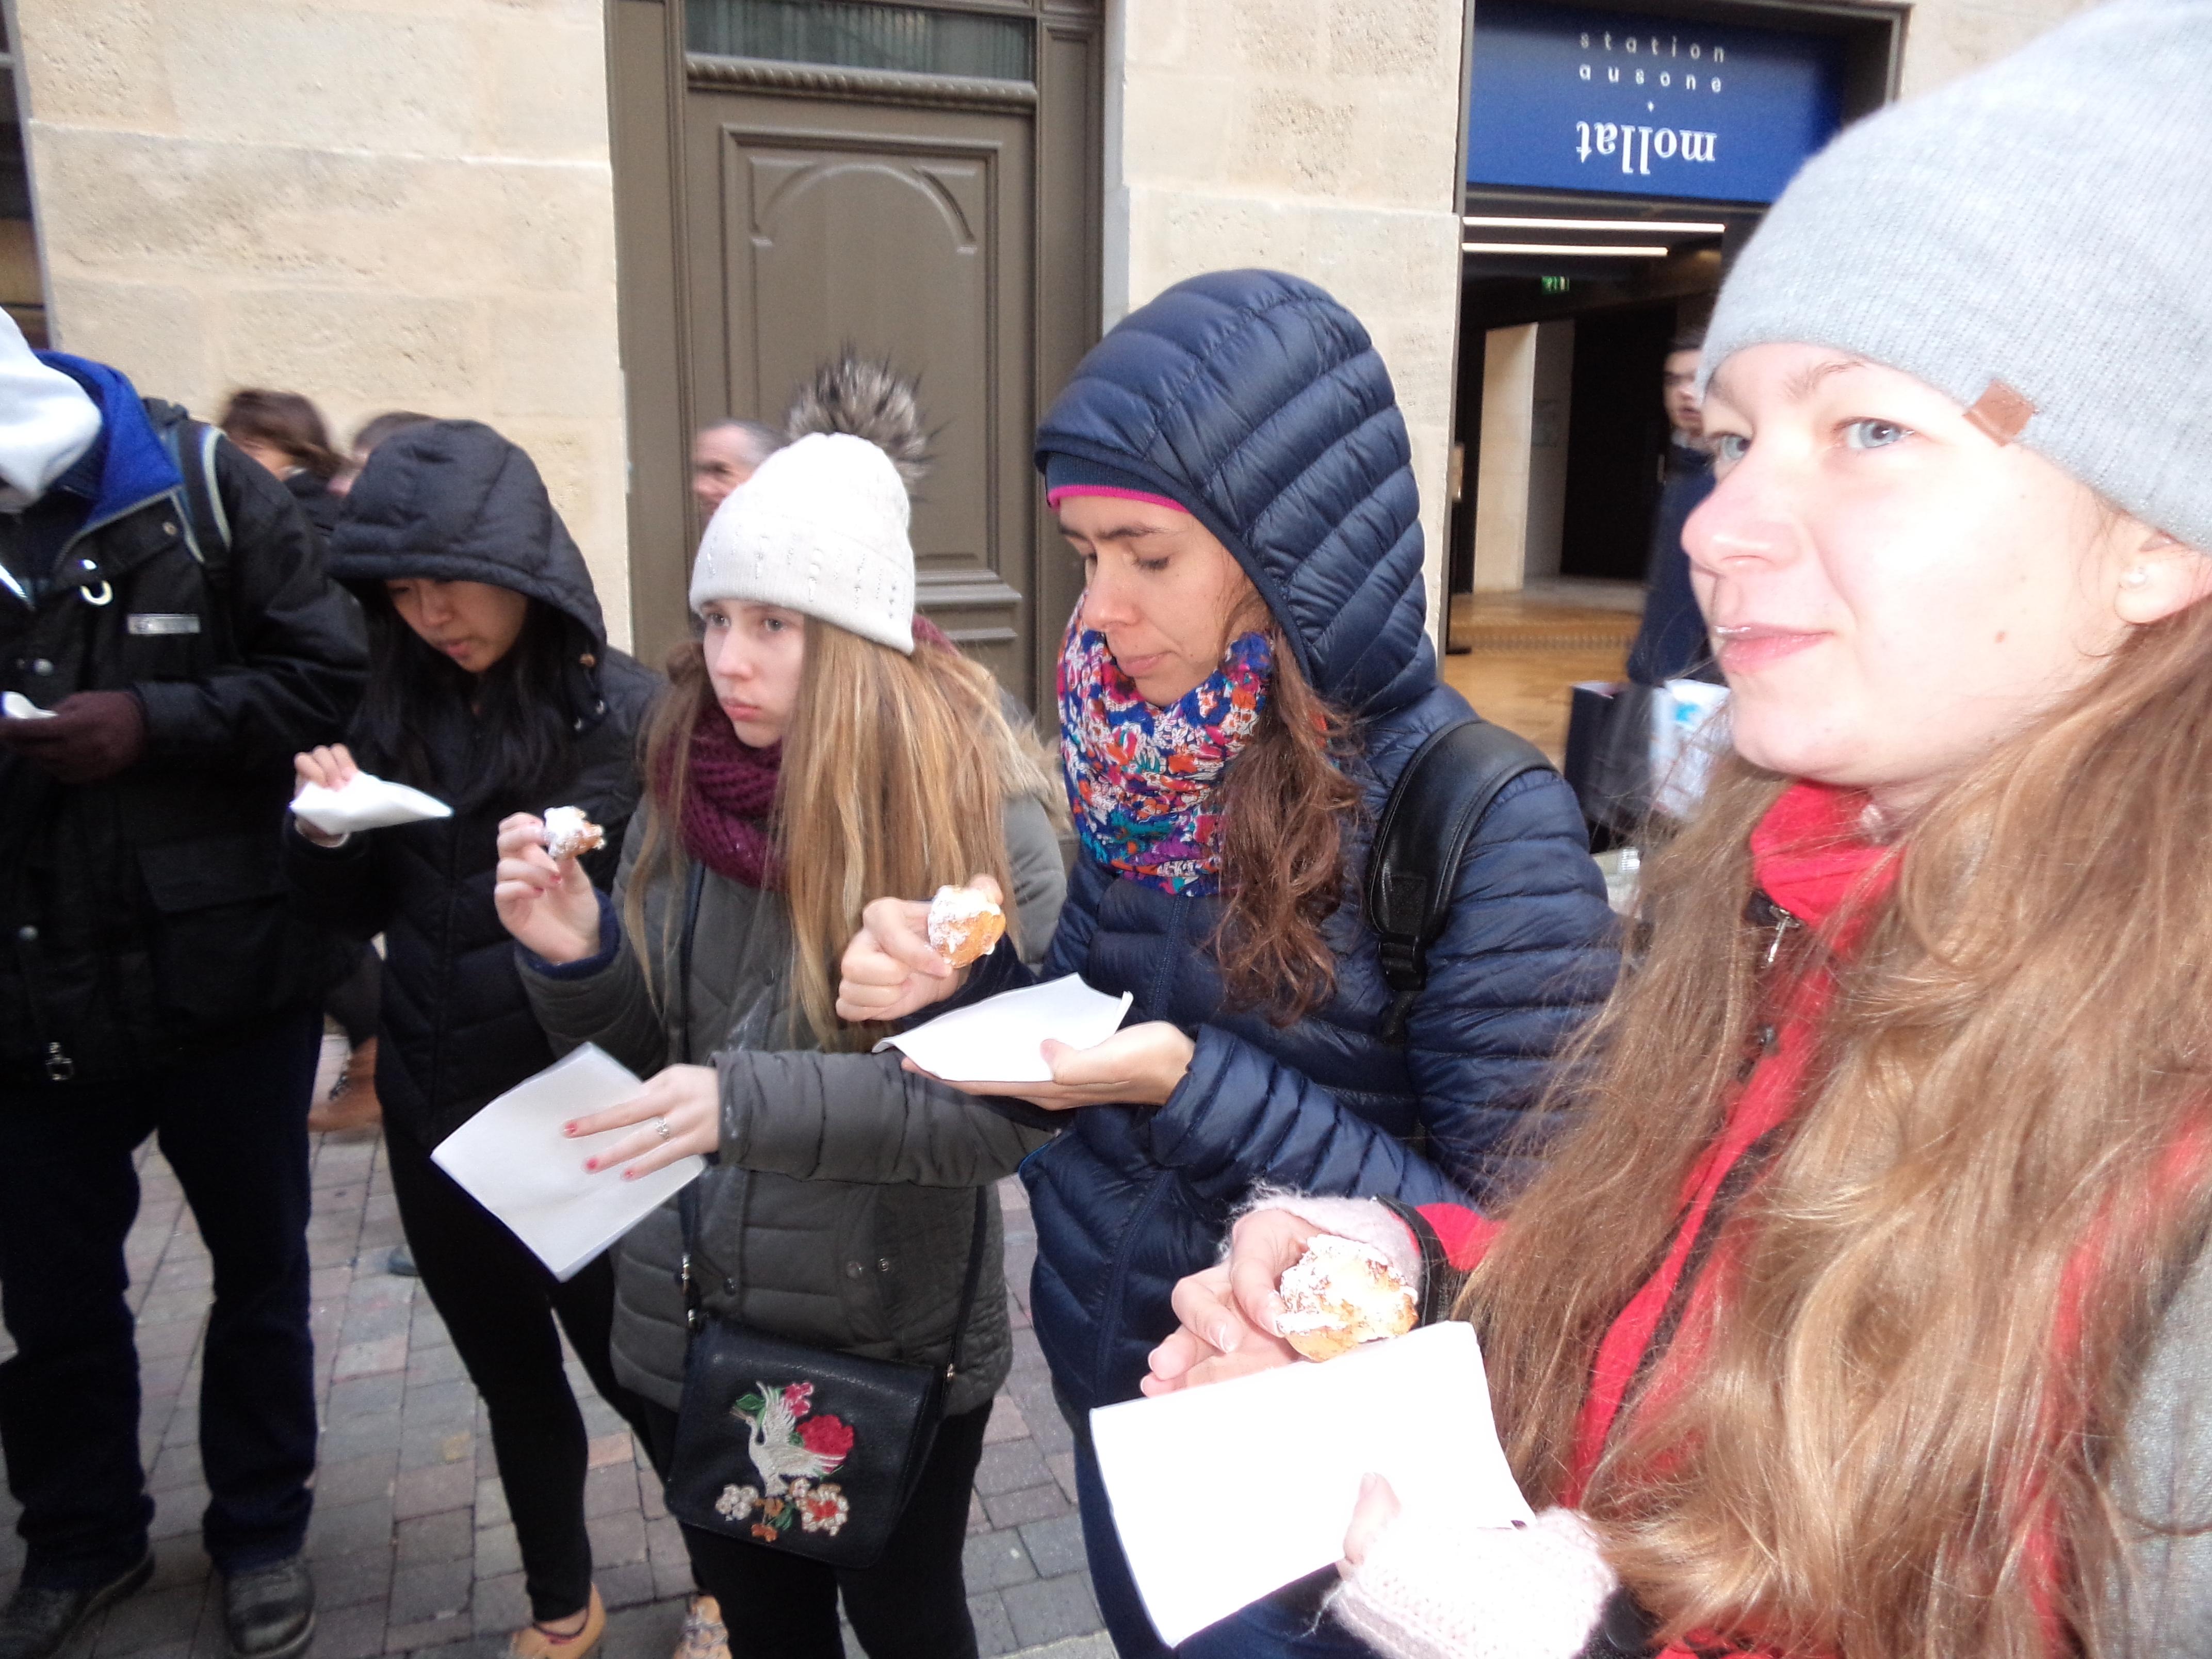 Tasting of pastries - HUBordeaux